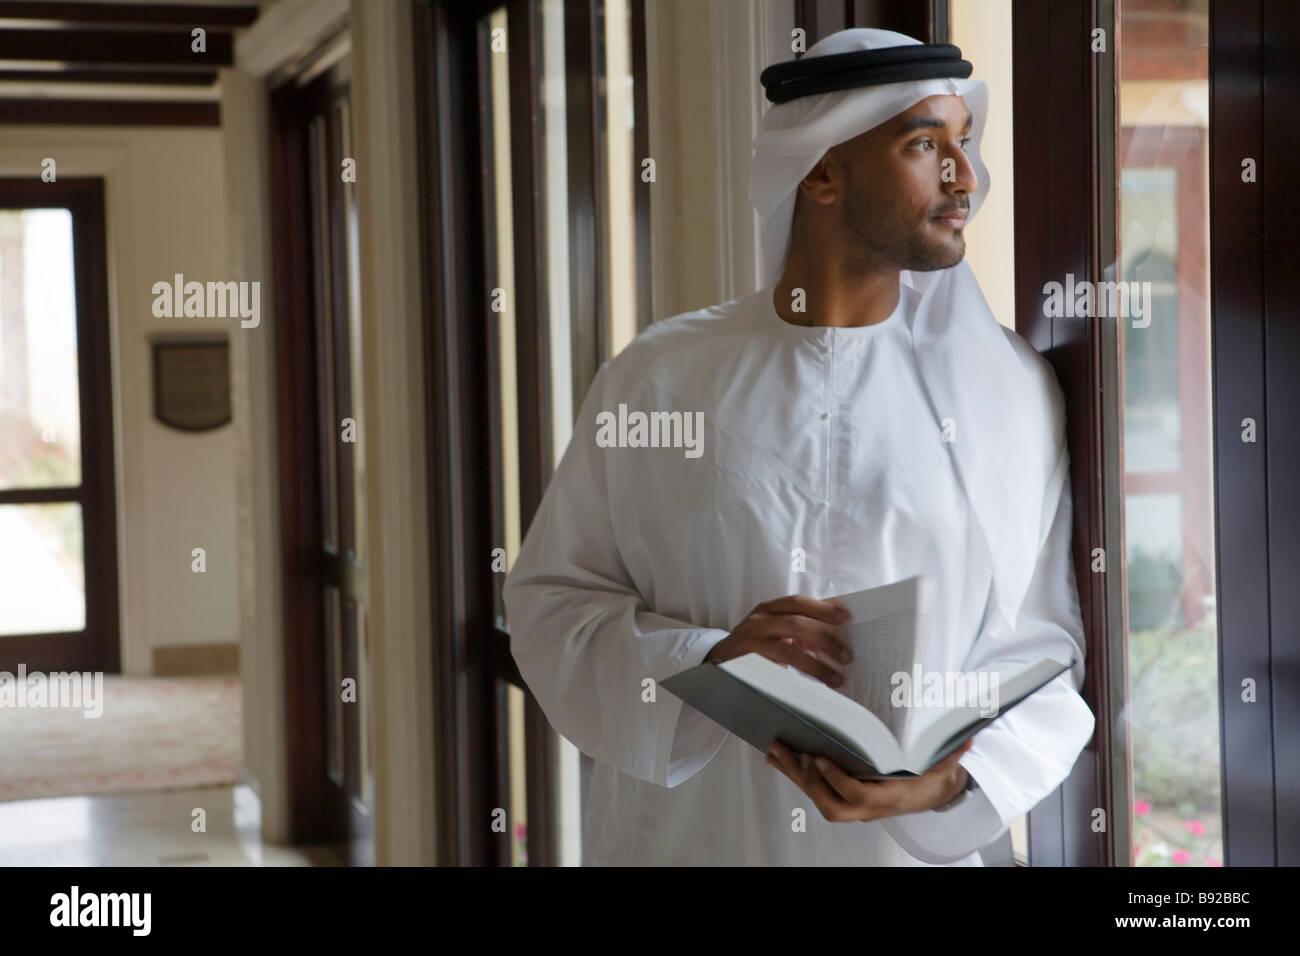 Arabische Mann schaut aus einem Fenster ein Buch hält Stockbild